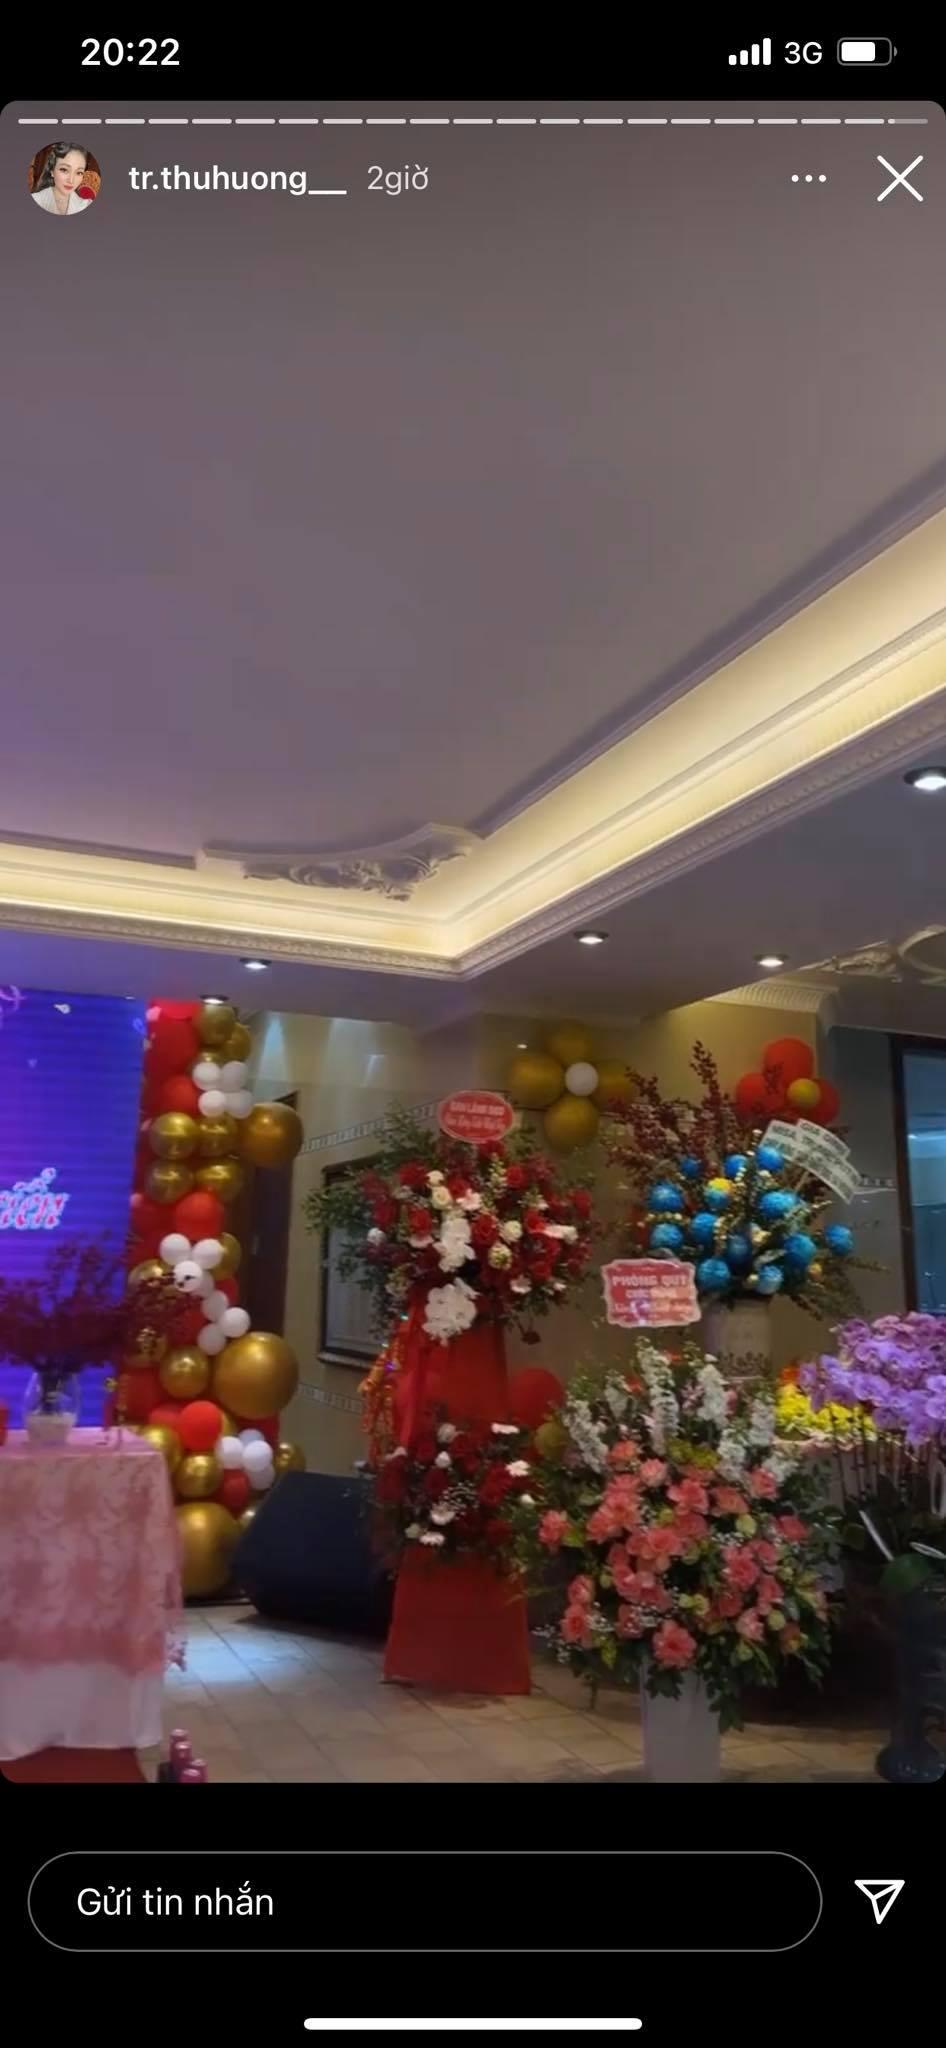 """Cô dâu đeo 200 cây vàng"""" bất ngờ chiếm trọn spotlight trên mạng xã hội khi tổ chức tiệc sinh nhật hoành tráng tại lâu đài xịn bậc nhất Nam Định-5"""